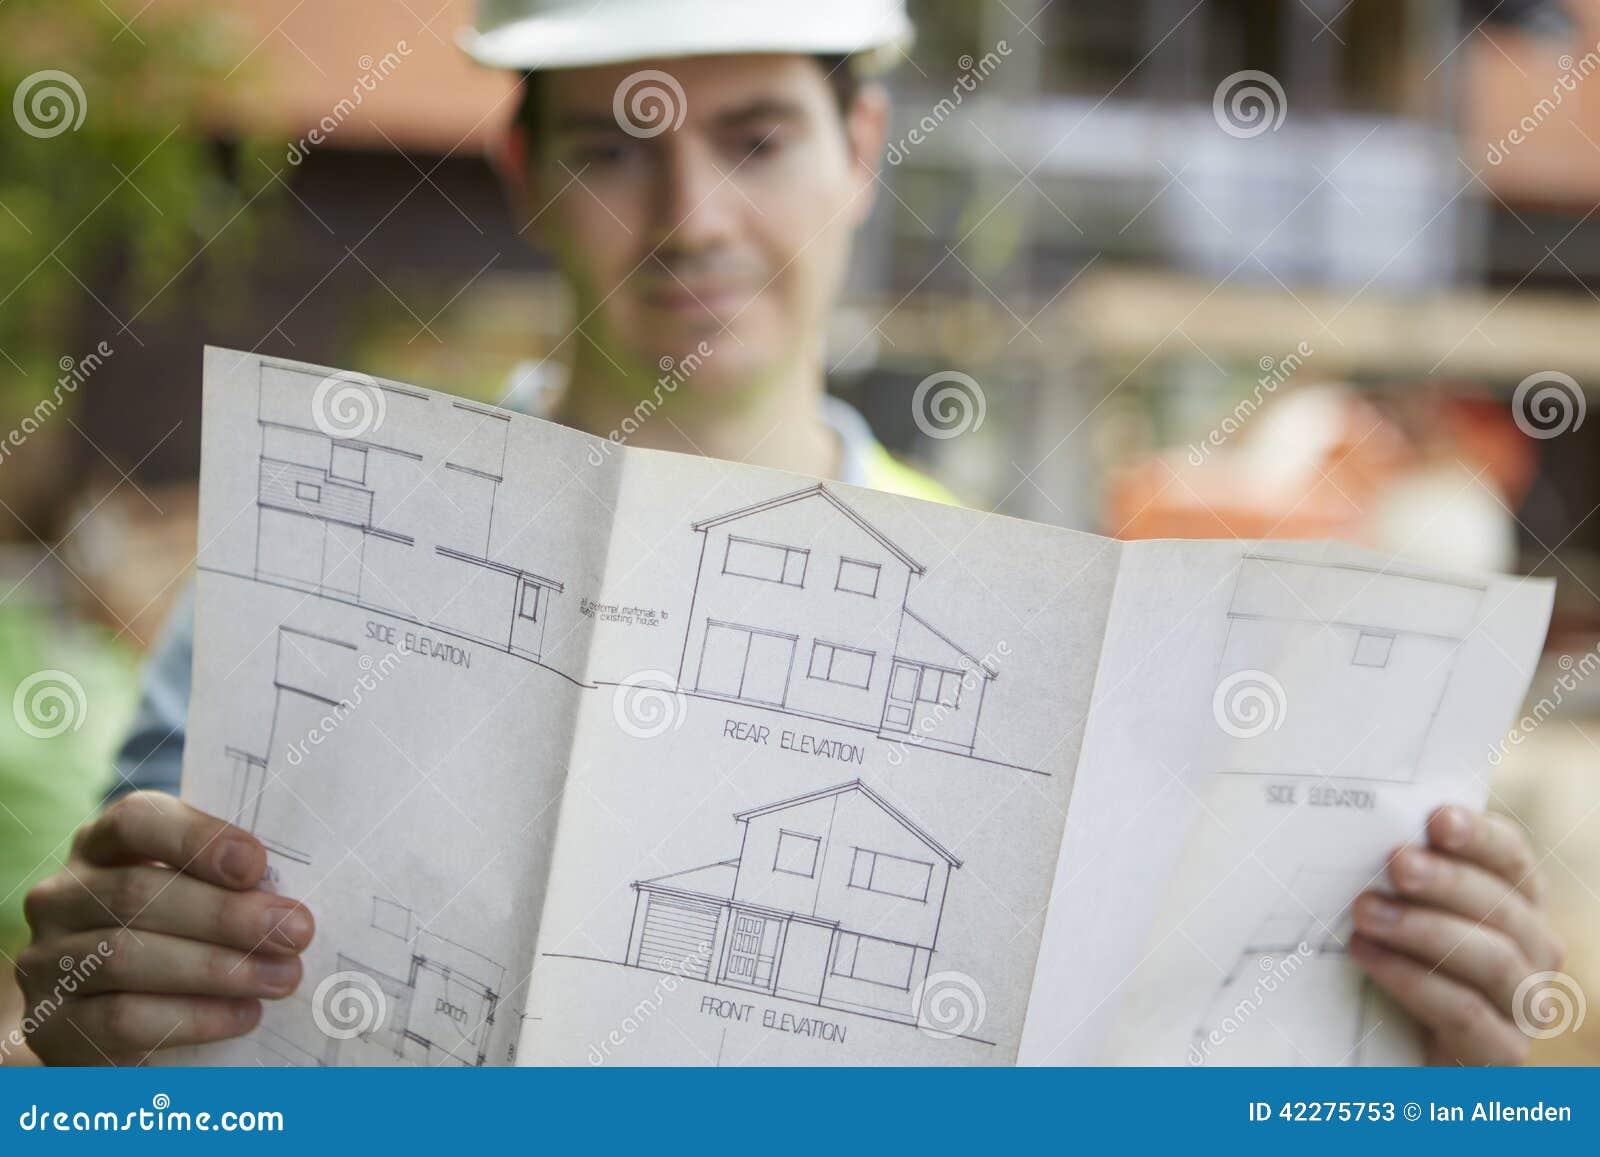 Travailleur de la construction On Building Site regardant des plans de Chambre